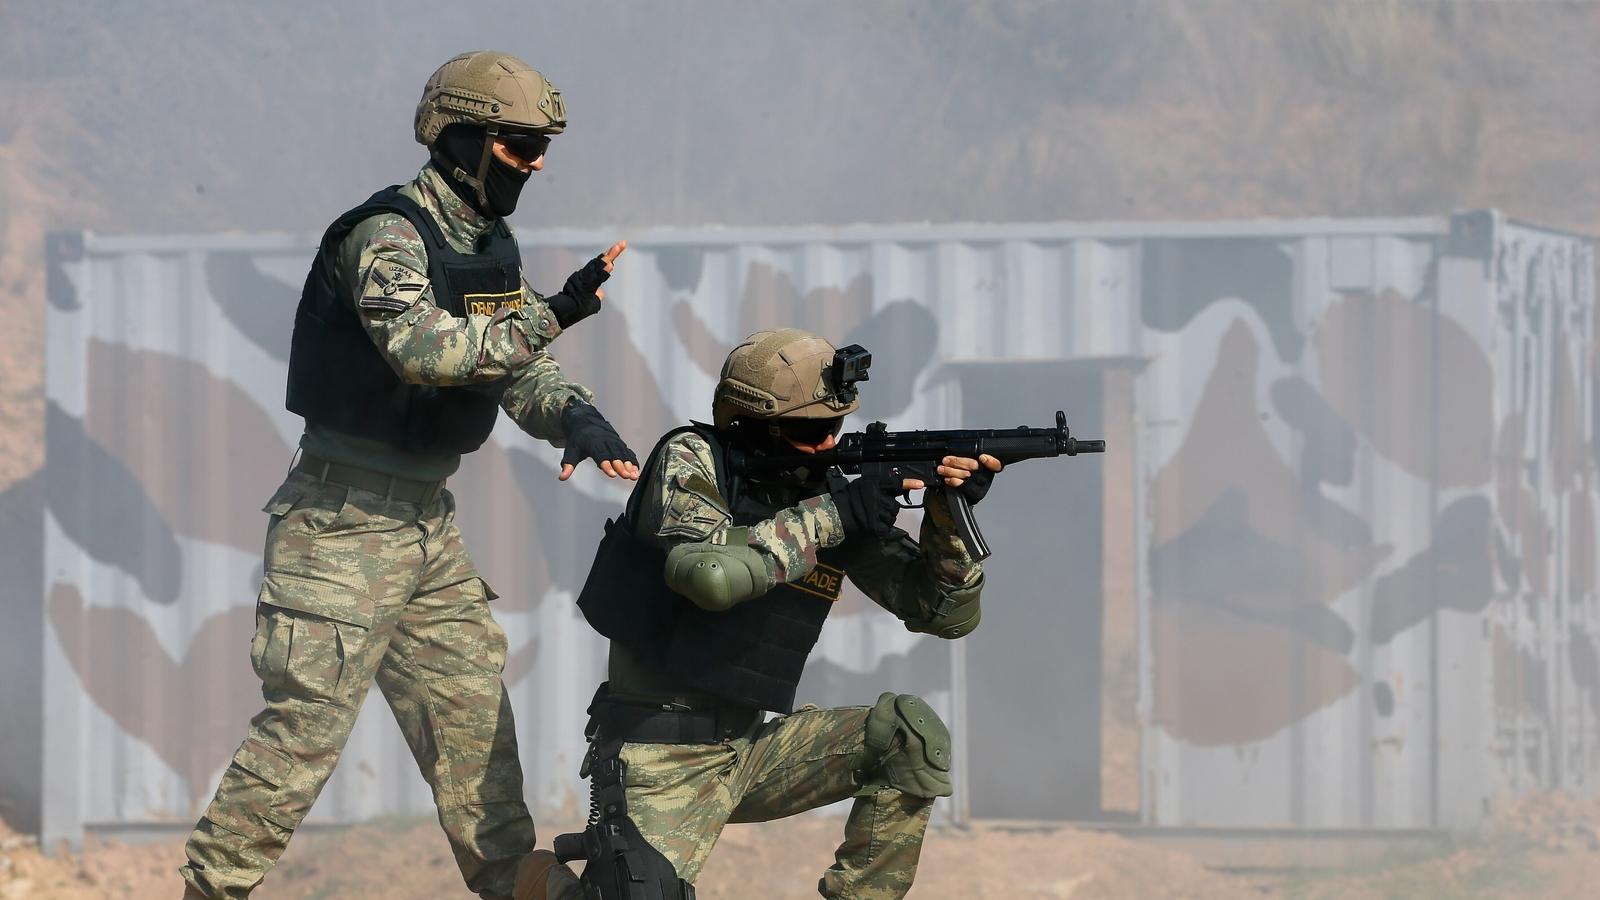 صورة مستعدون للانسحاب من ليبيا.. الرئيس التركي يفجـ ـر مفاجأة- ما هي شروطه؟